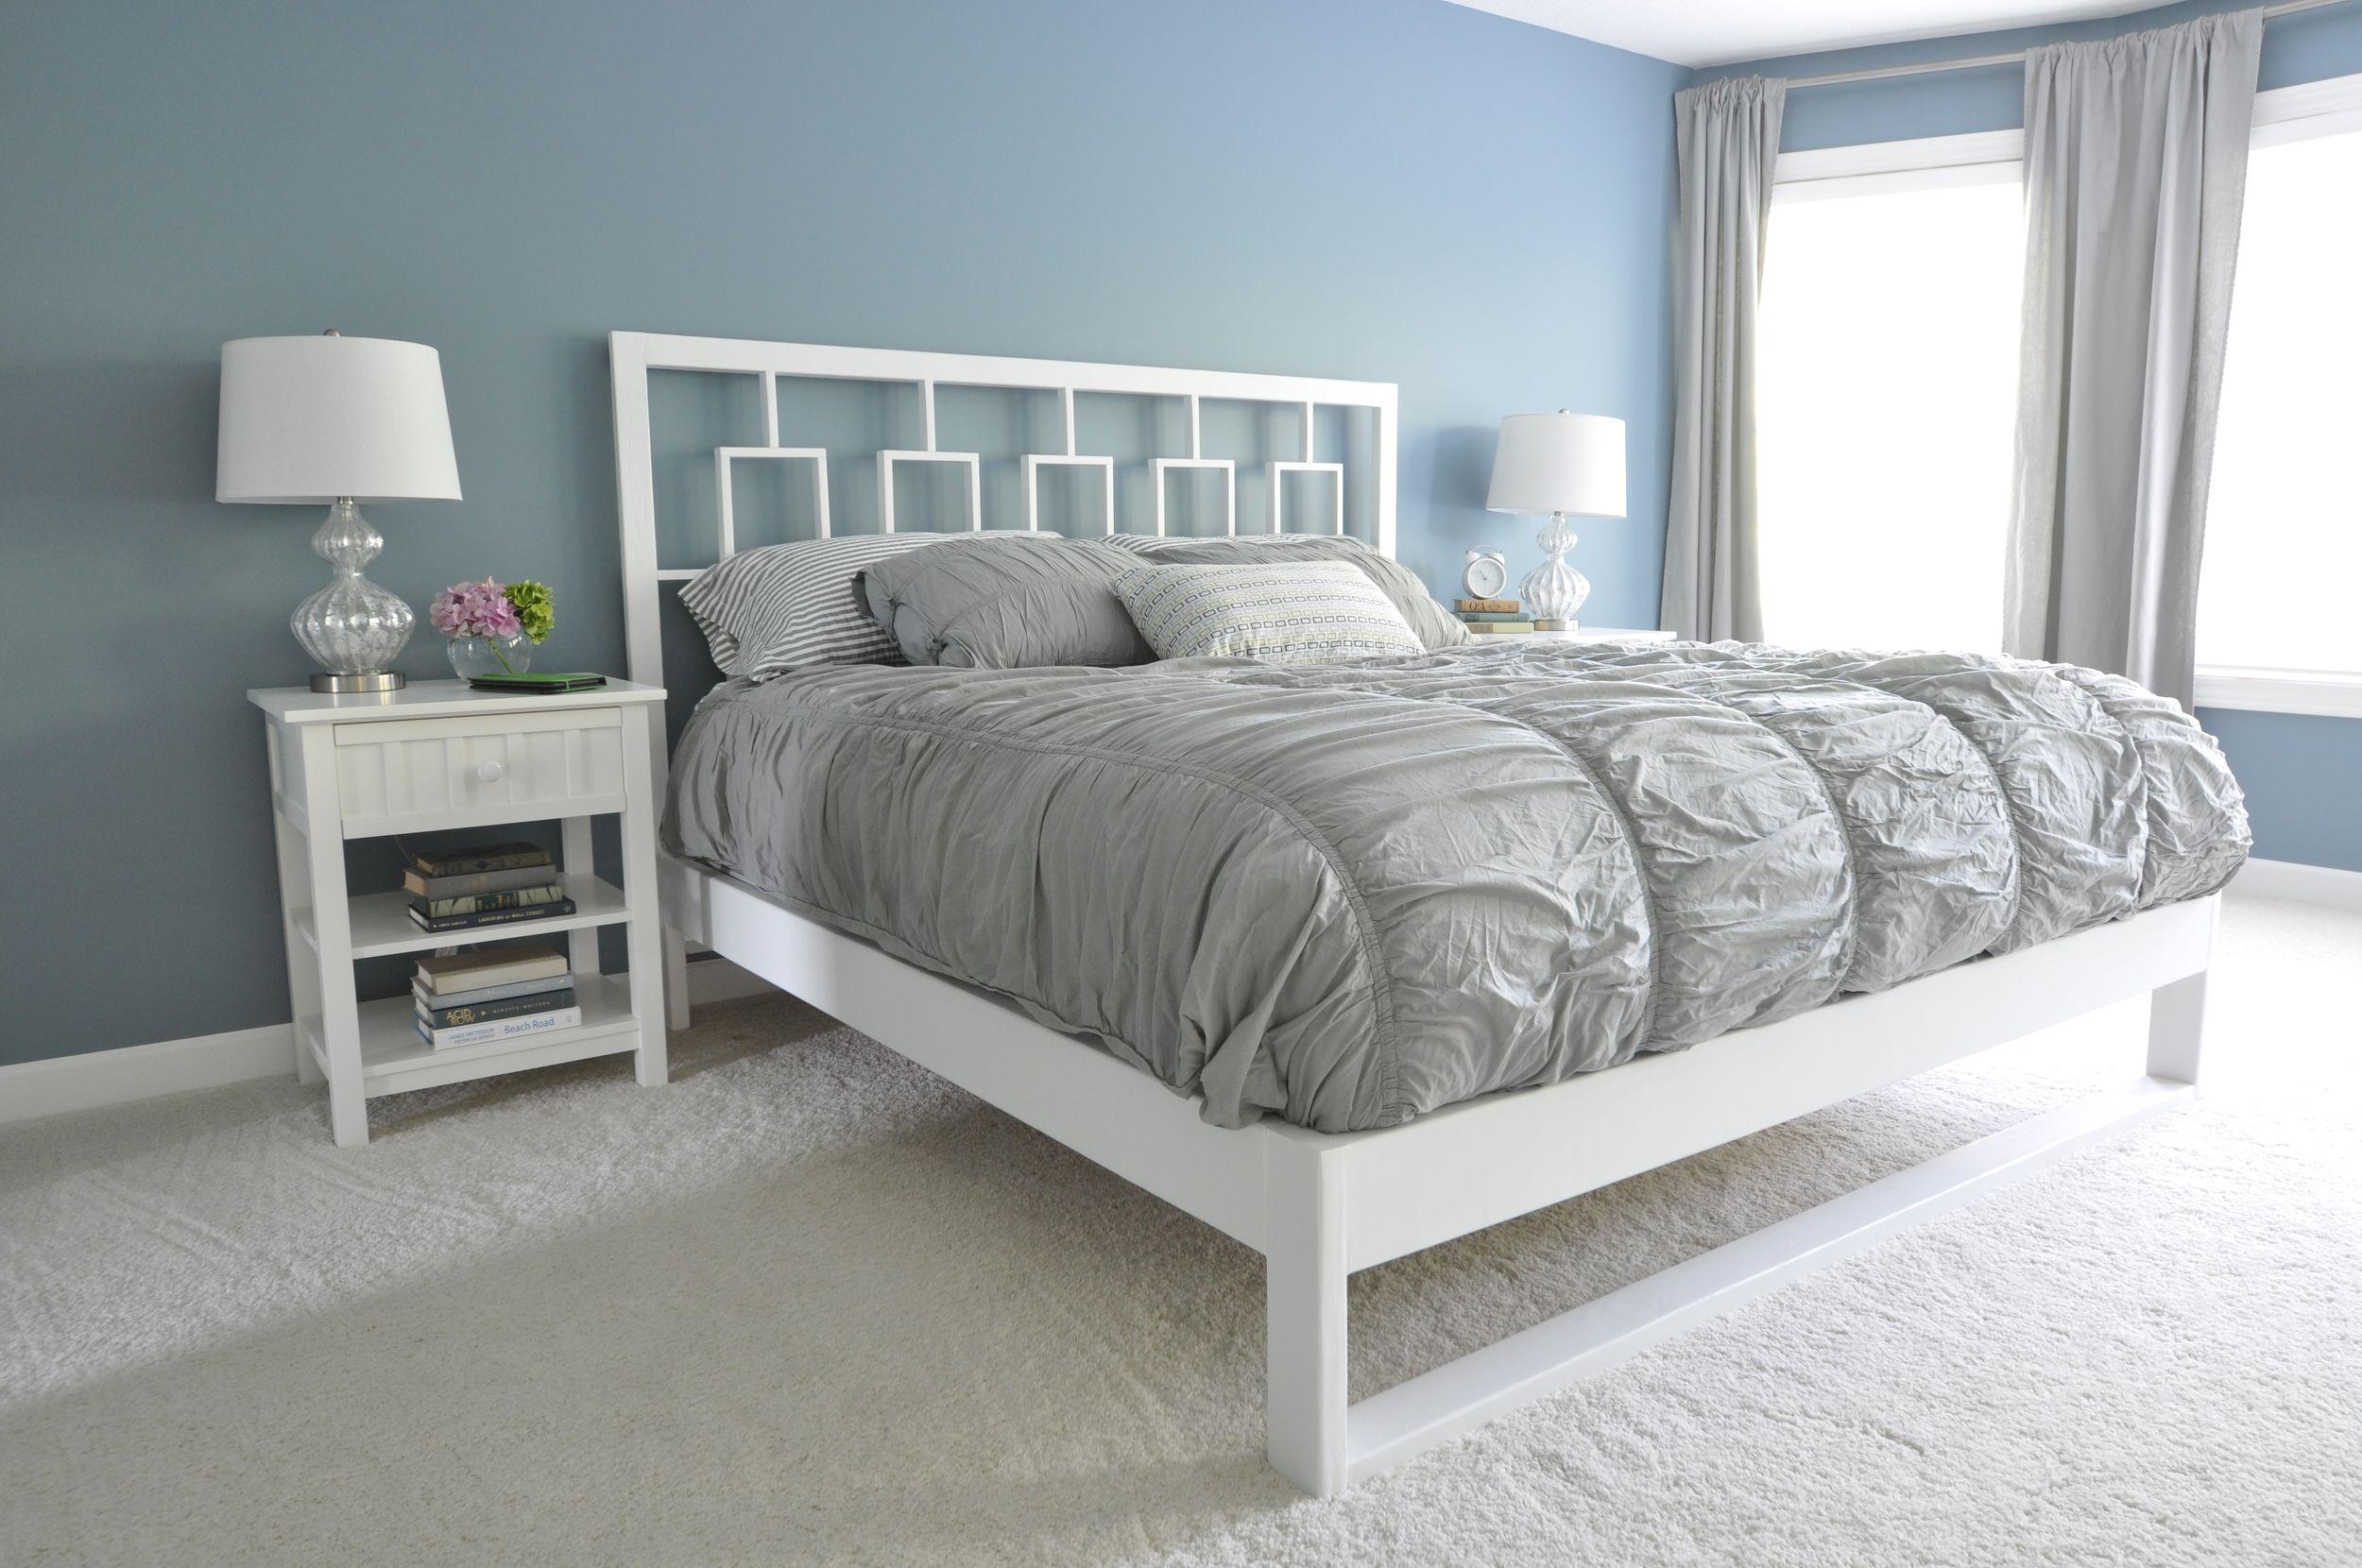 Bed Frame 045.JPG